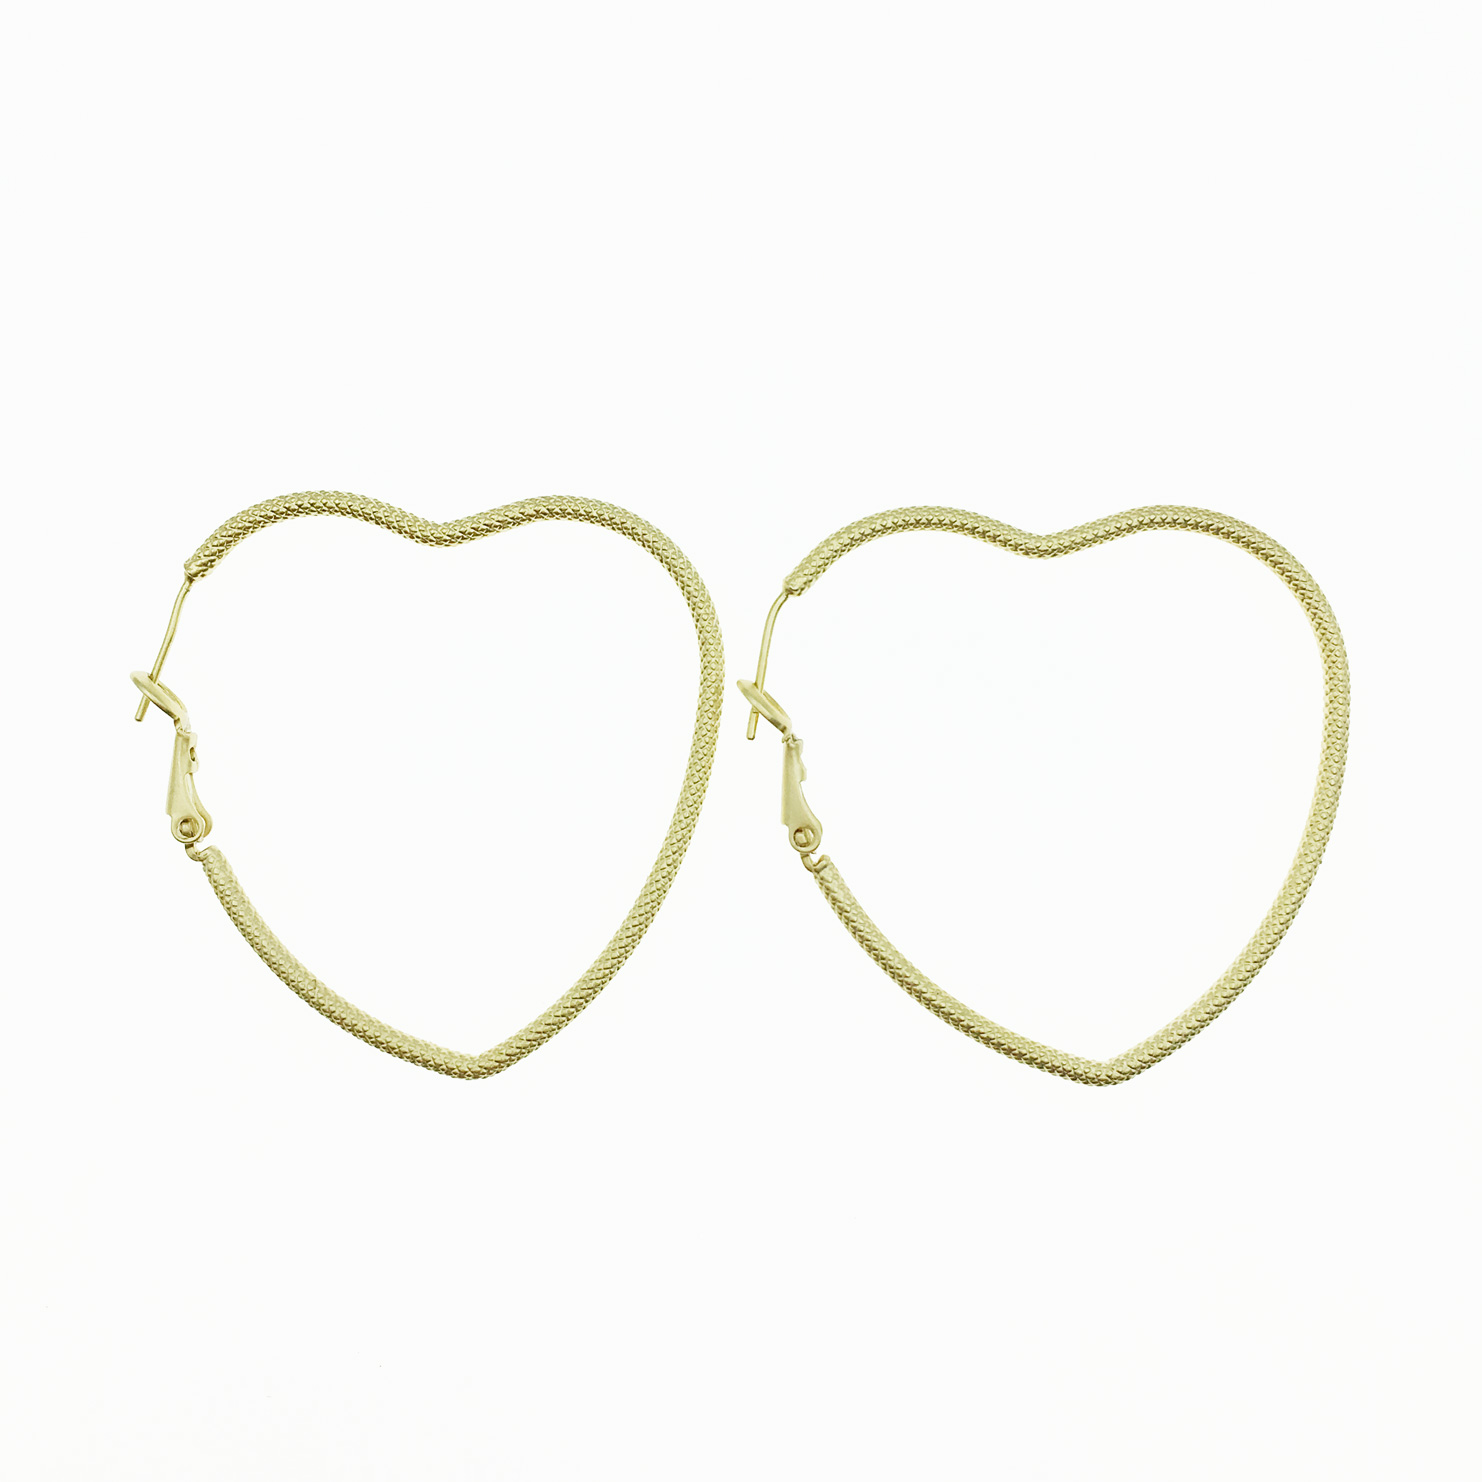 韓國 925純銀 愛心 金屬簍空造型 霧金 簡約歐美風 耳針式耳環